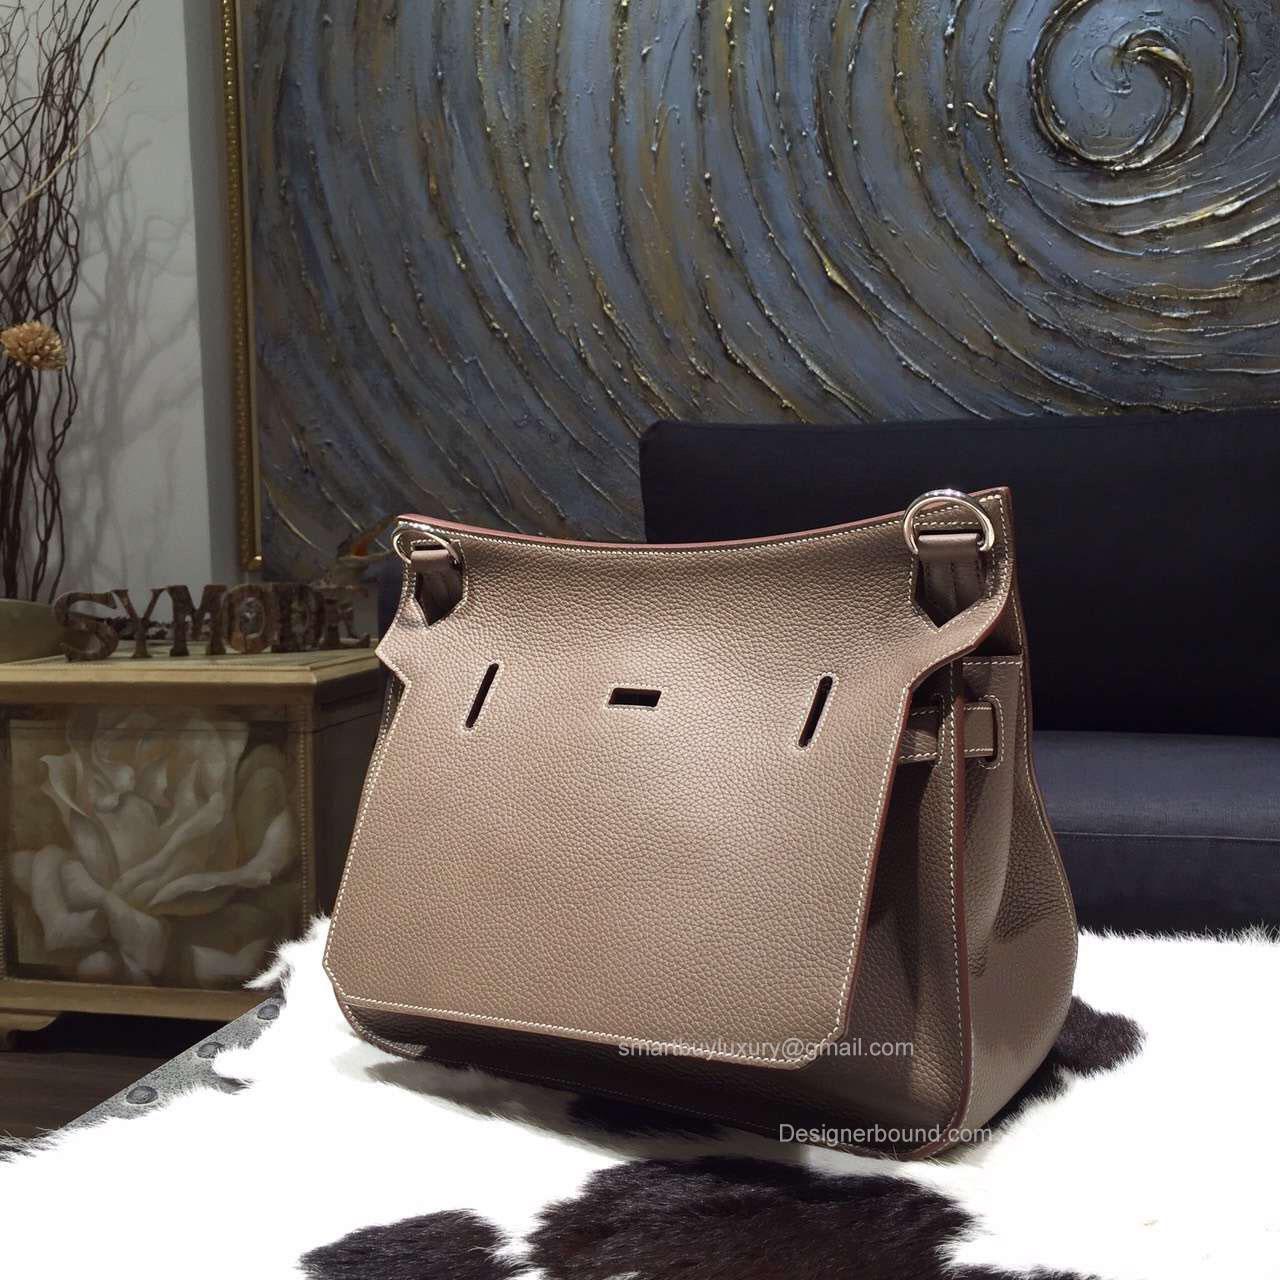 best hermes birkin color - Hermes Jypsiere 28 Bag Etoupe CK18 Taurillon Clemence Handstitched -